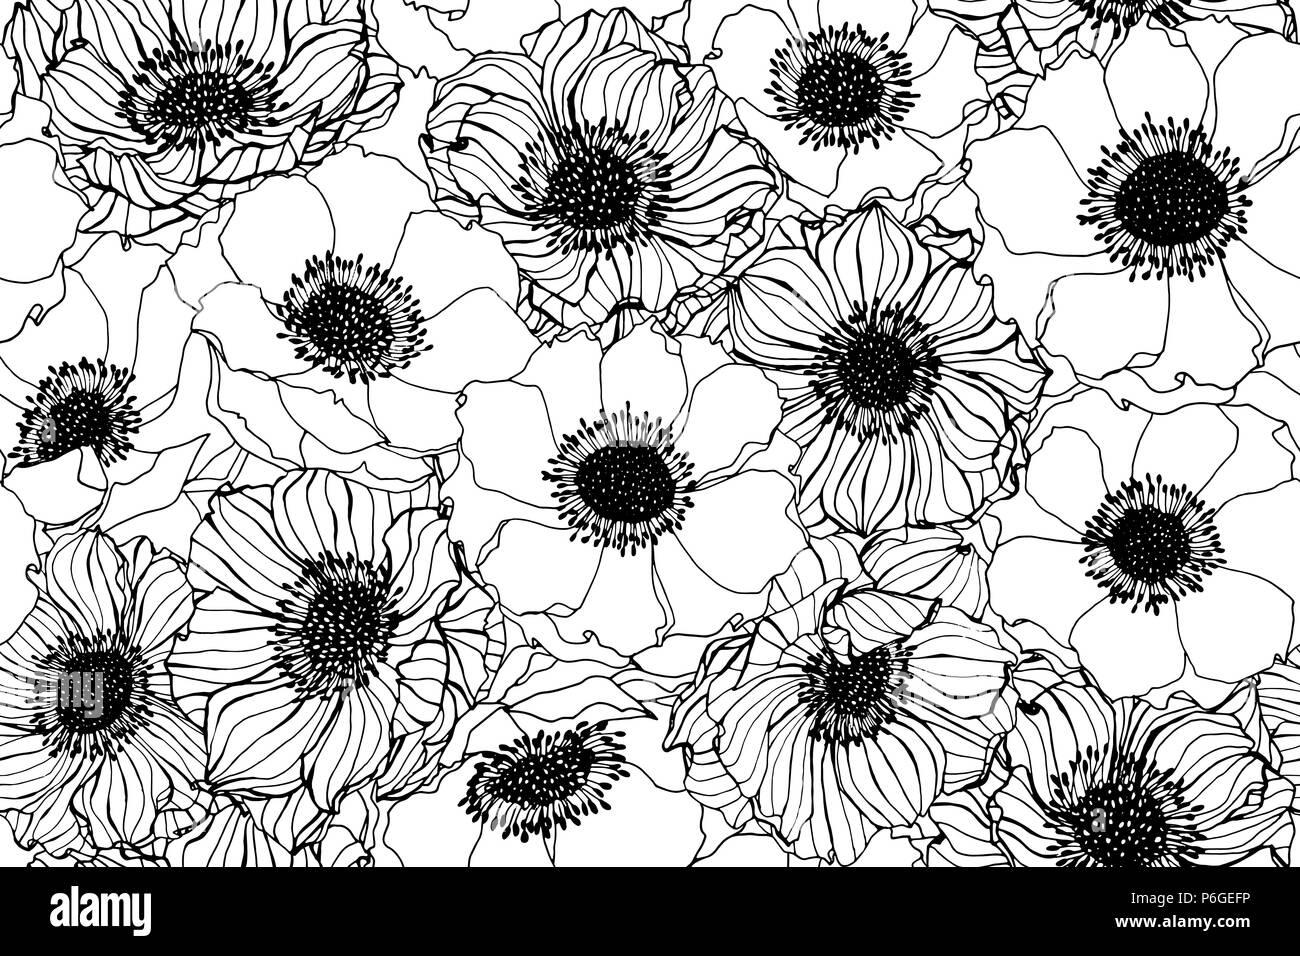 Sfondi fiori bianco e nero